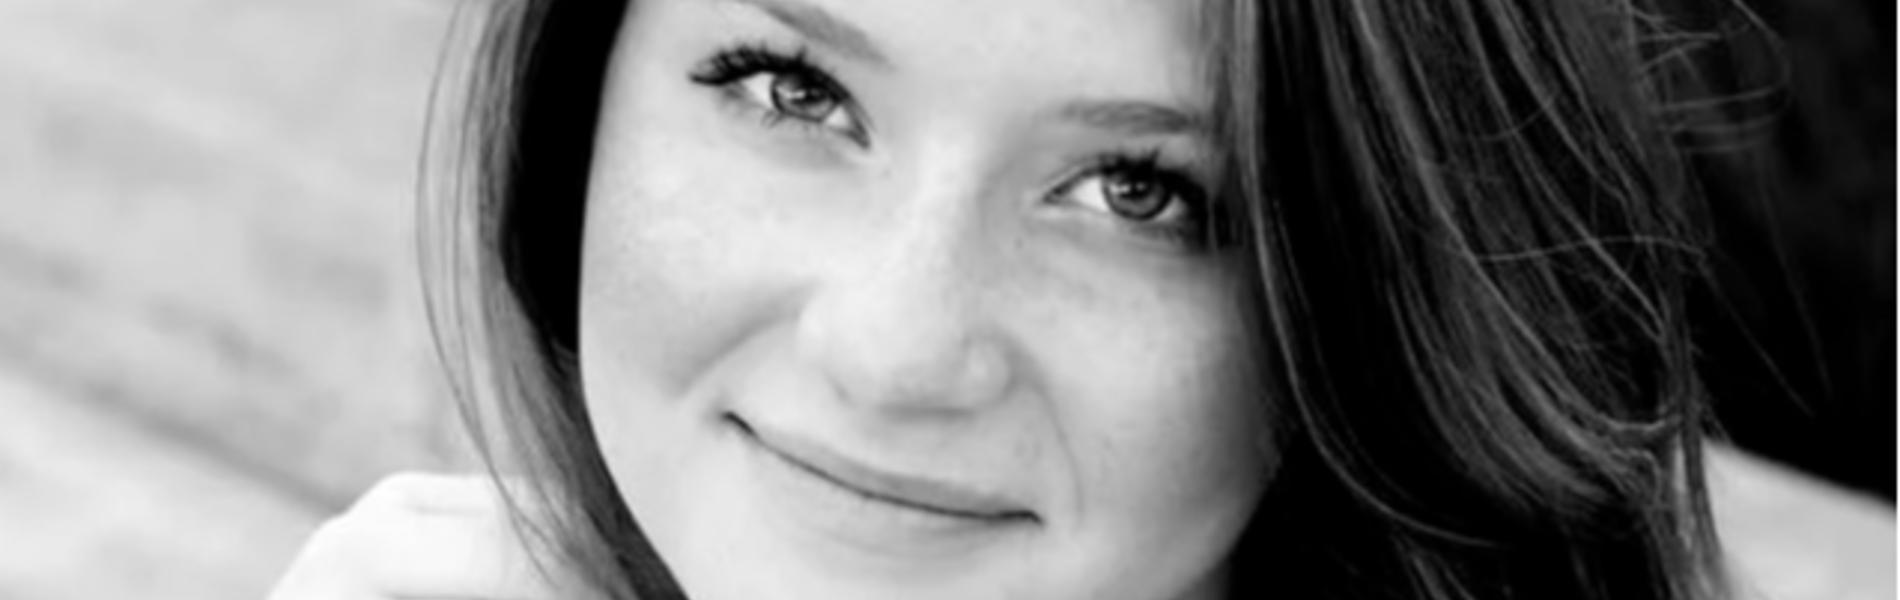 בת ה-20 הודתה שסייעה לאביה לרצוח את אימה